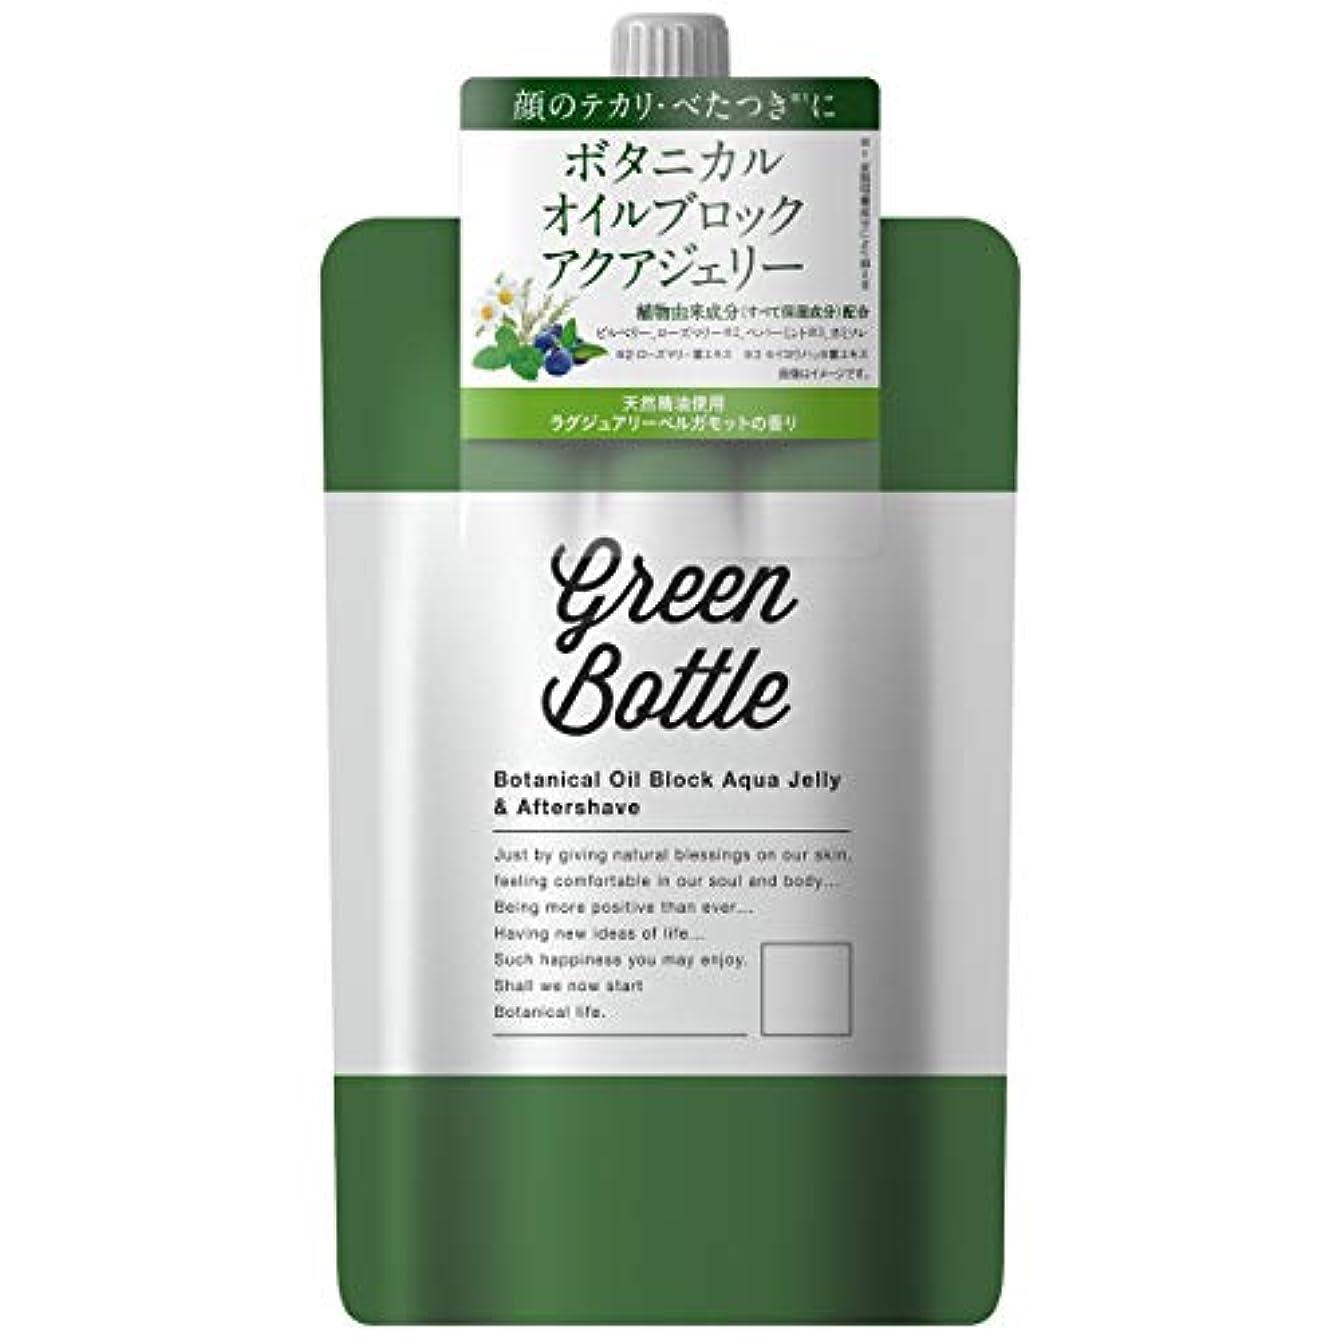 蒸文芸クリープグリーンボトルボタニカル グリーンボトル ボタニカルオイルブロックアクアジェリー 化粧水 ラグジュアリーベルガモットの香り 150g